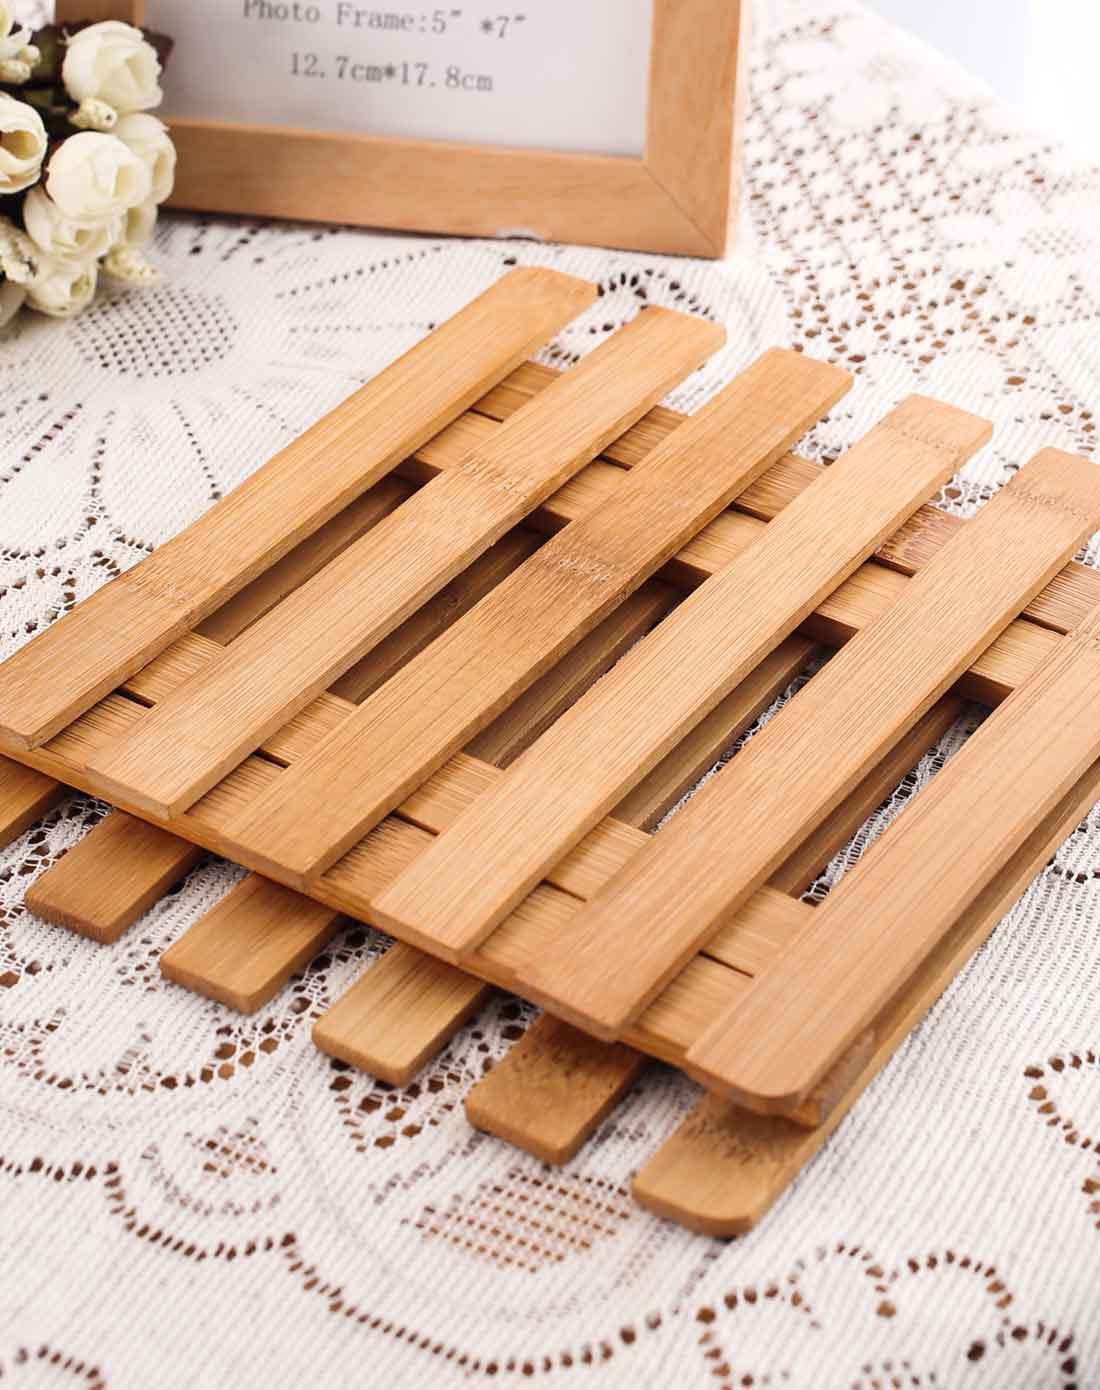 竹条编小动物图片